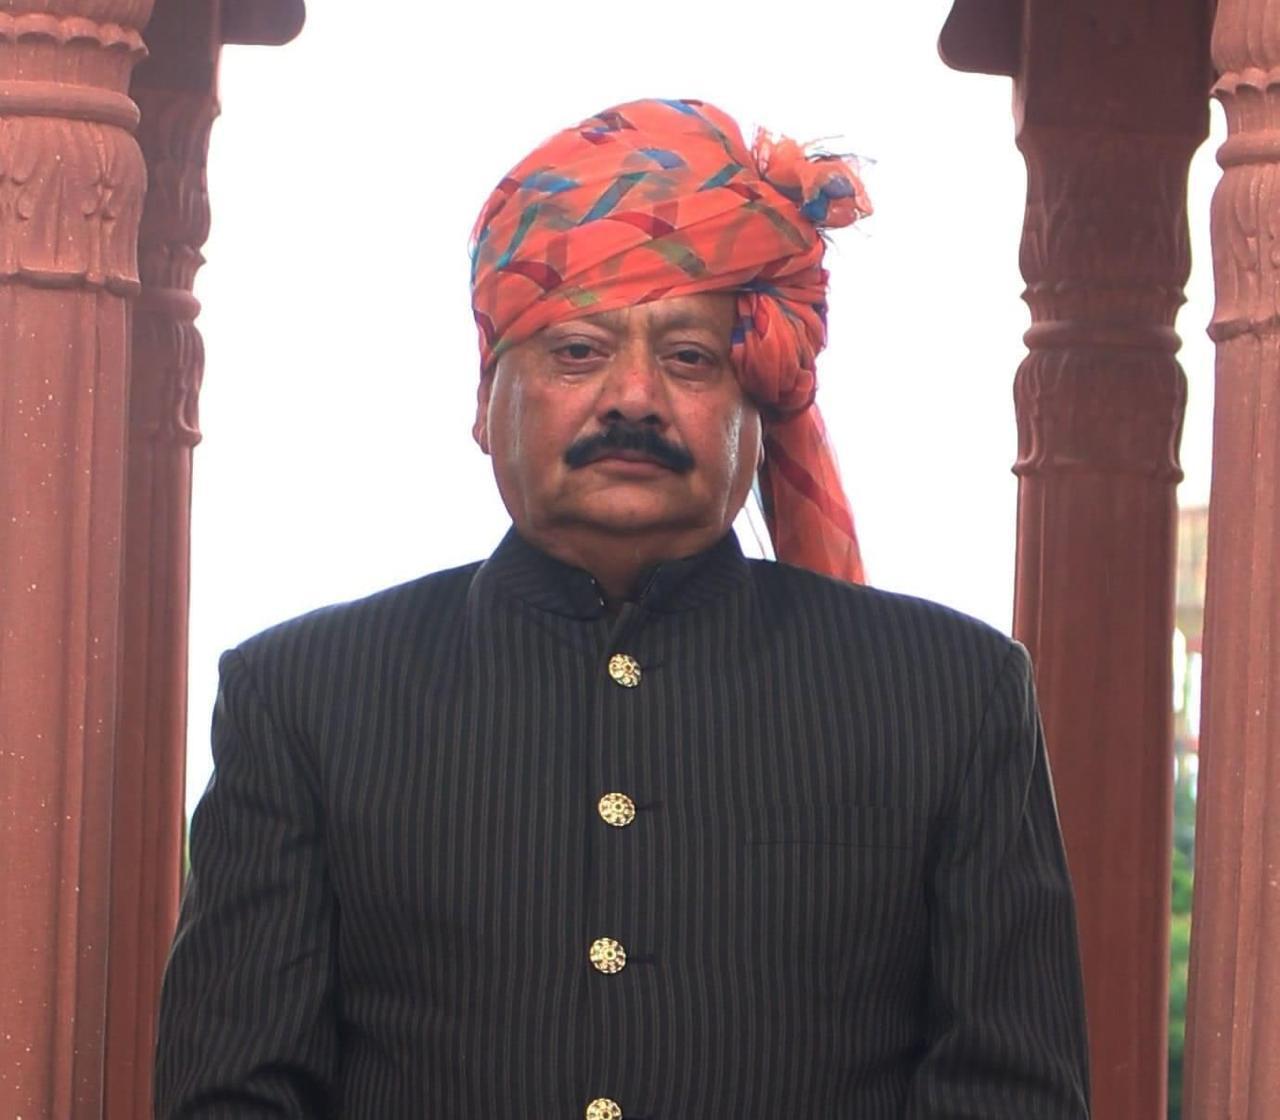 कोरोना से राजपूत सभा के अध्यक्ष गिरिराज सिंह का निधन, सीएम गहलोत, पूर्व सीएम राजे सहित कई नेताओंं ने जताई संवेदना|दौसा,Dausa - Dainik Bhaskar